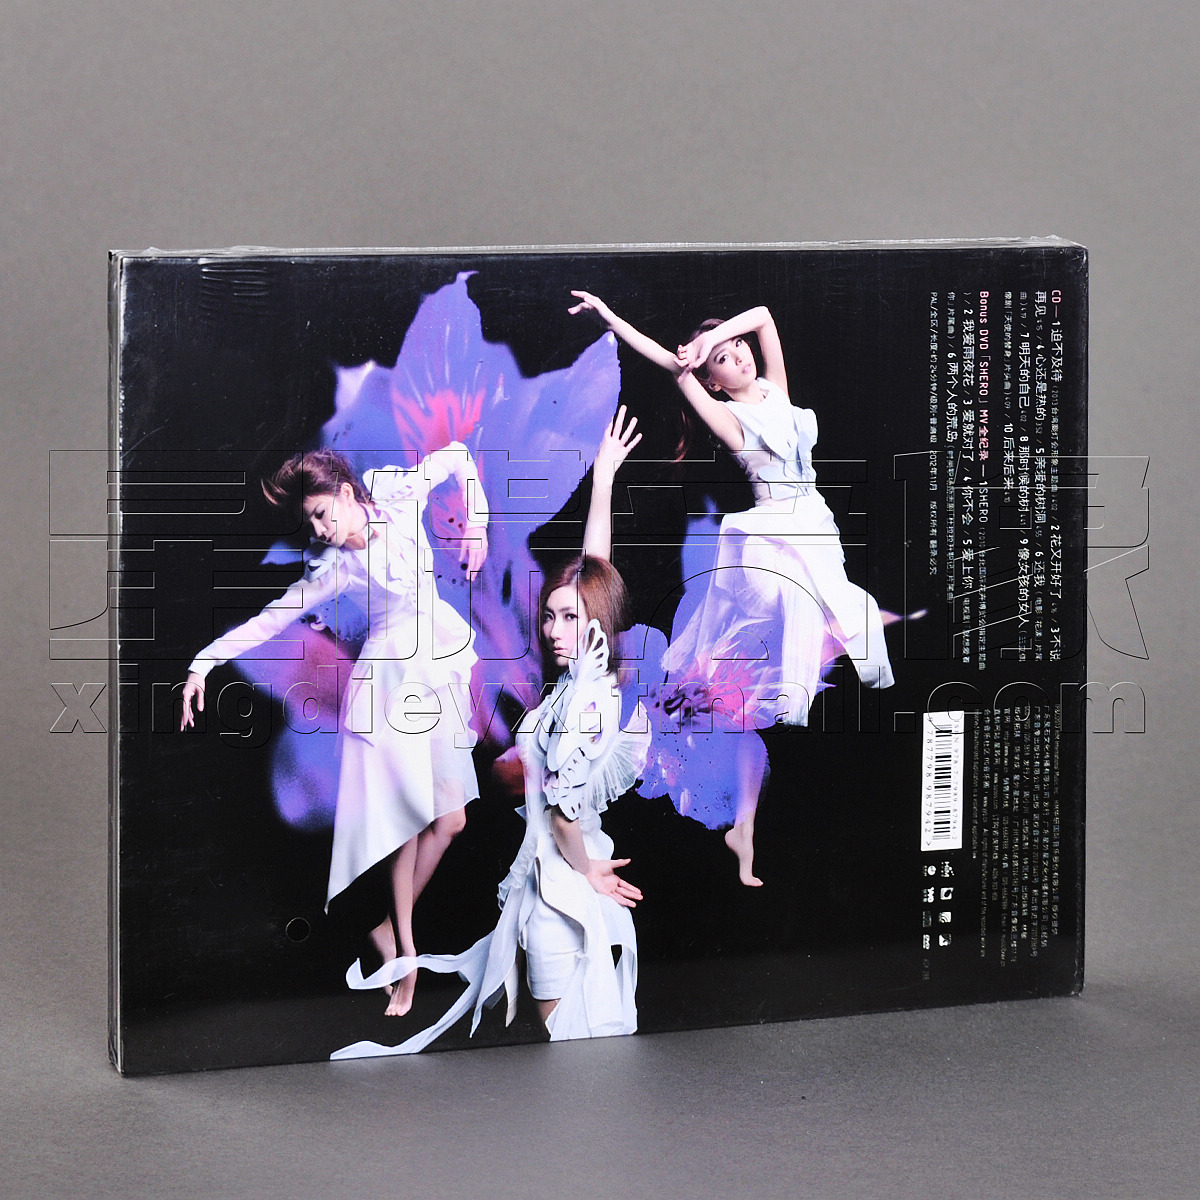 正版现货 S.H.E/SHE 花又开好了 2012专辑 唱片